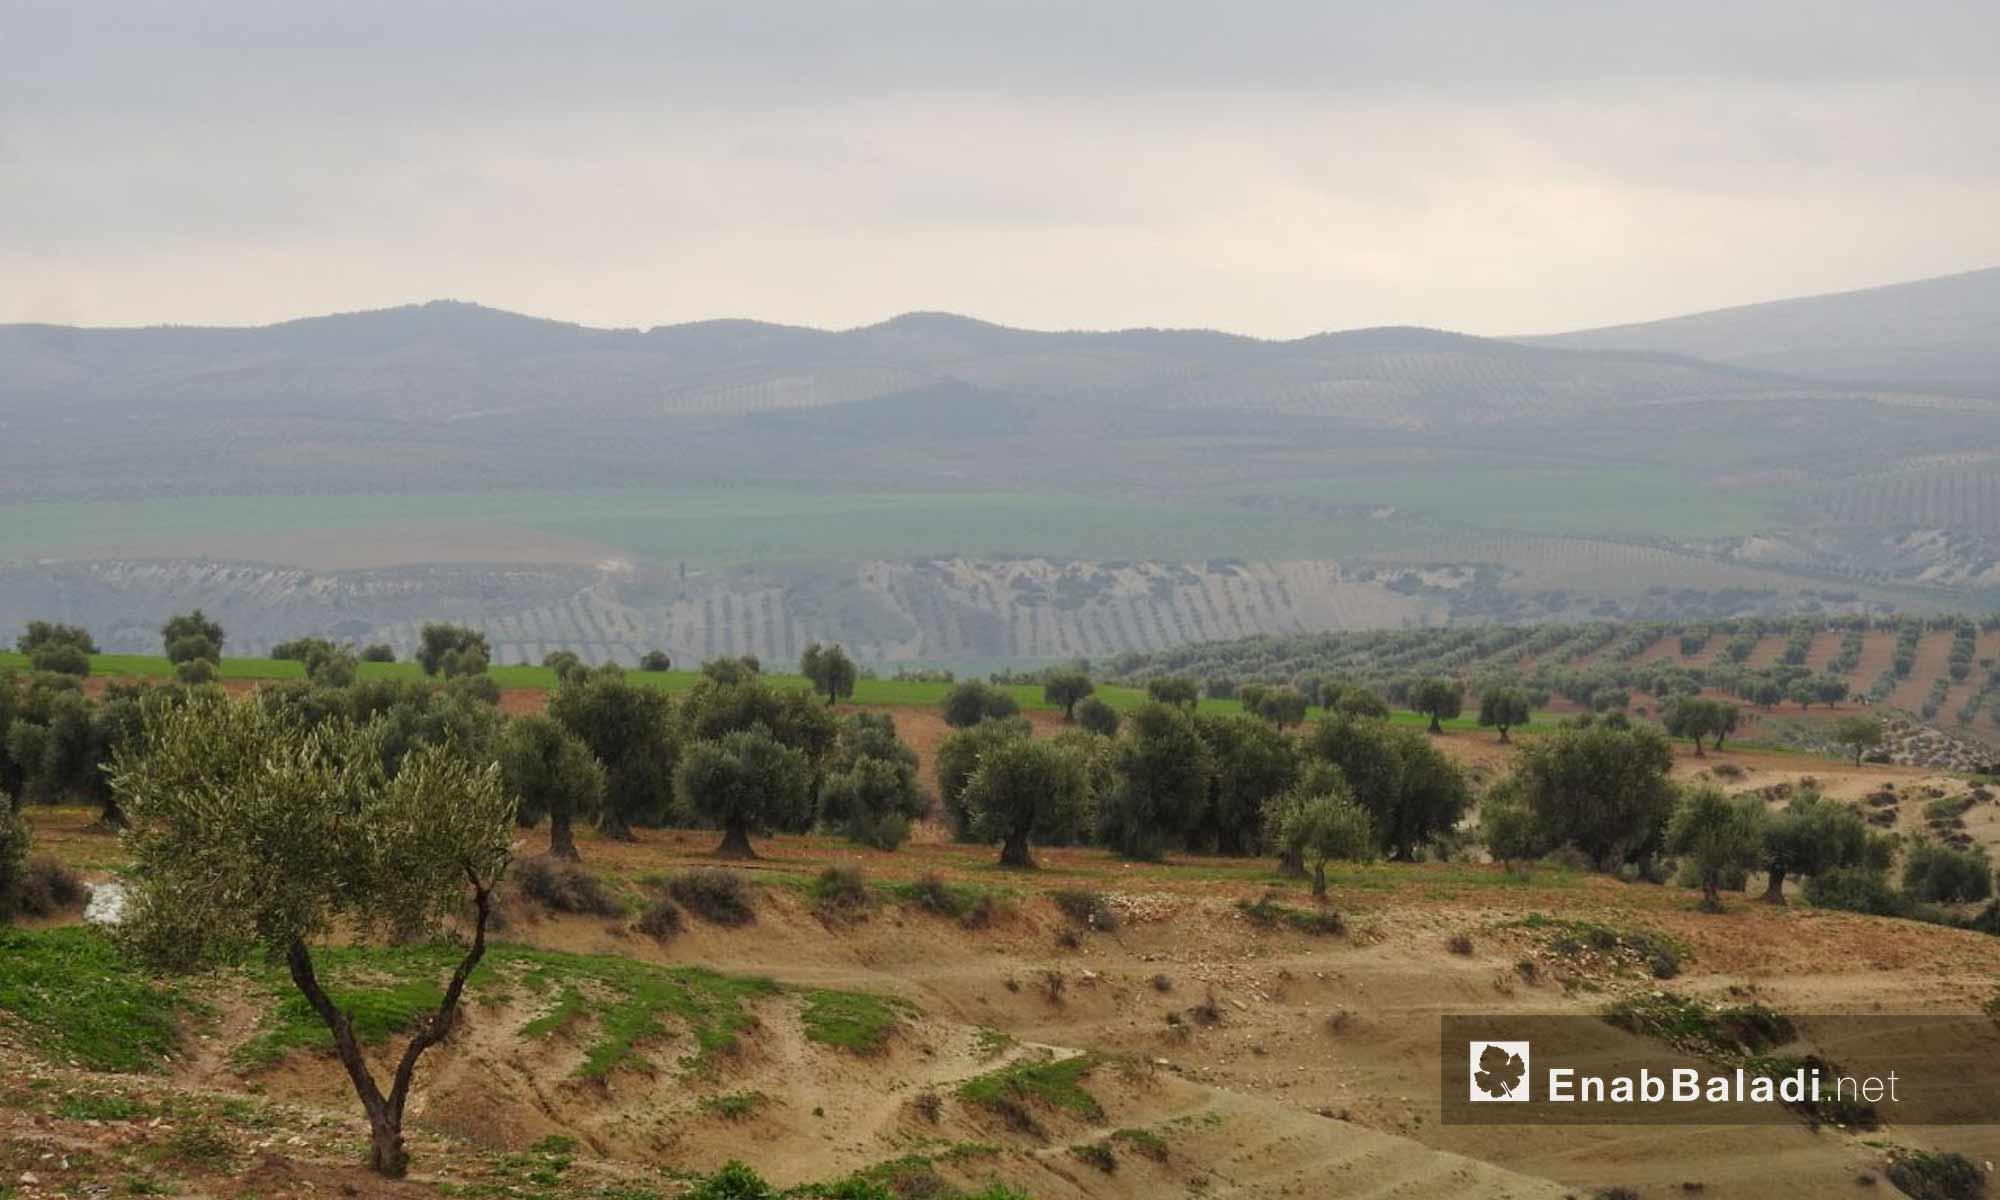 مساحات واسعة من أشجار الزيتون في ريف منطقة عفرين - 2 آذار 2018 (عنب بلدي)